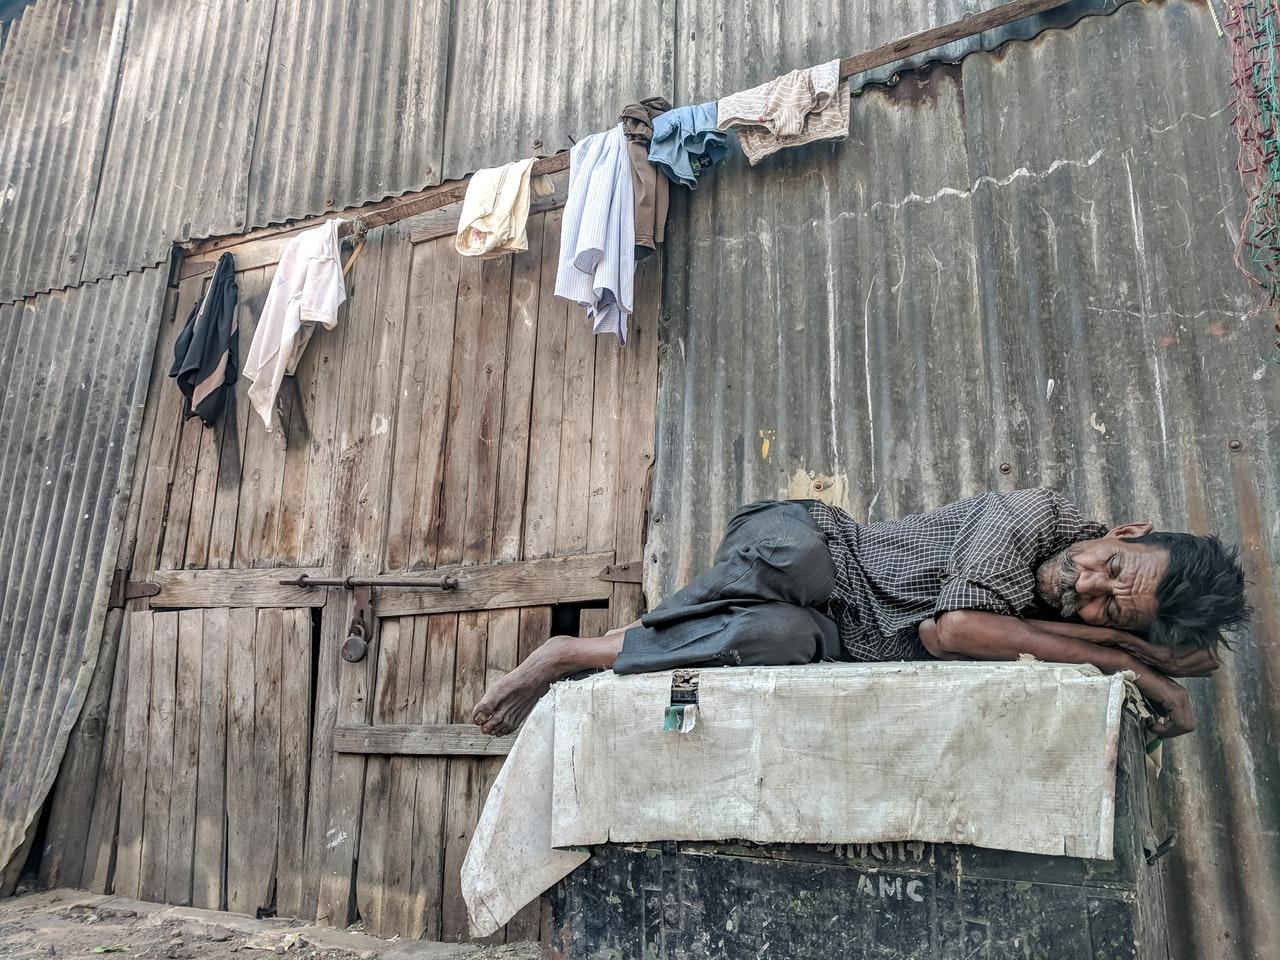 BID otorga a Honduras préstamo de 59.5 mdd para reducir pobreza